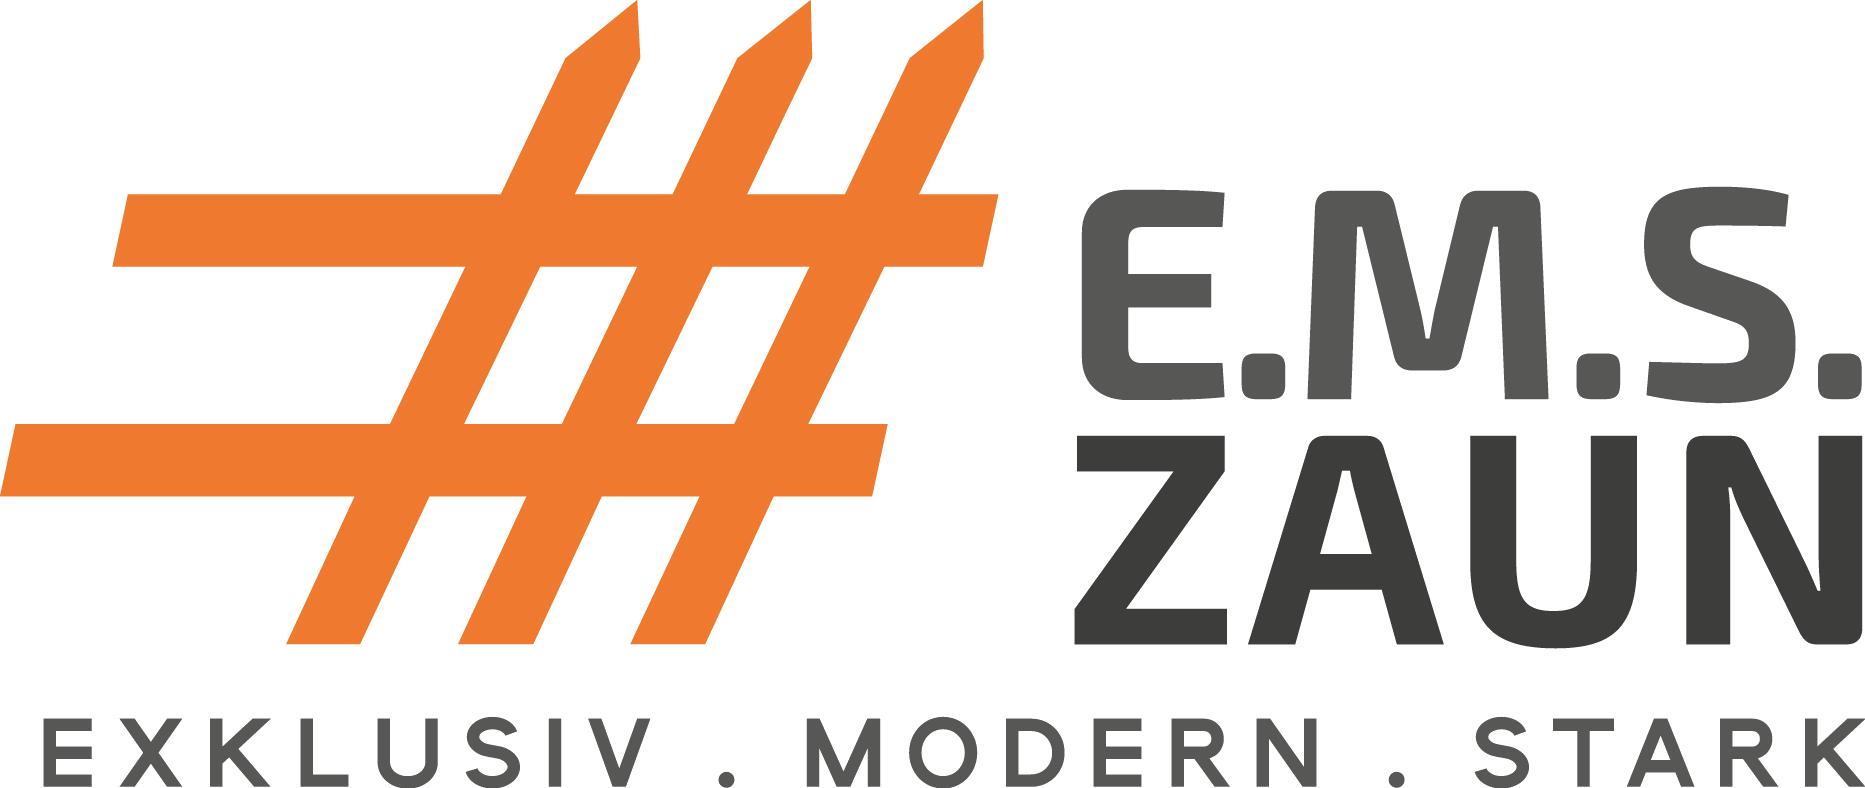 E.M.S. Zaun